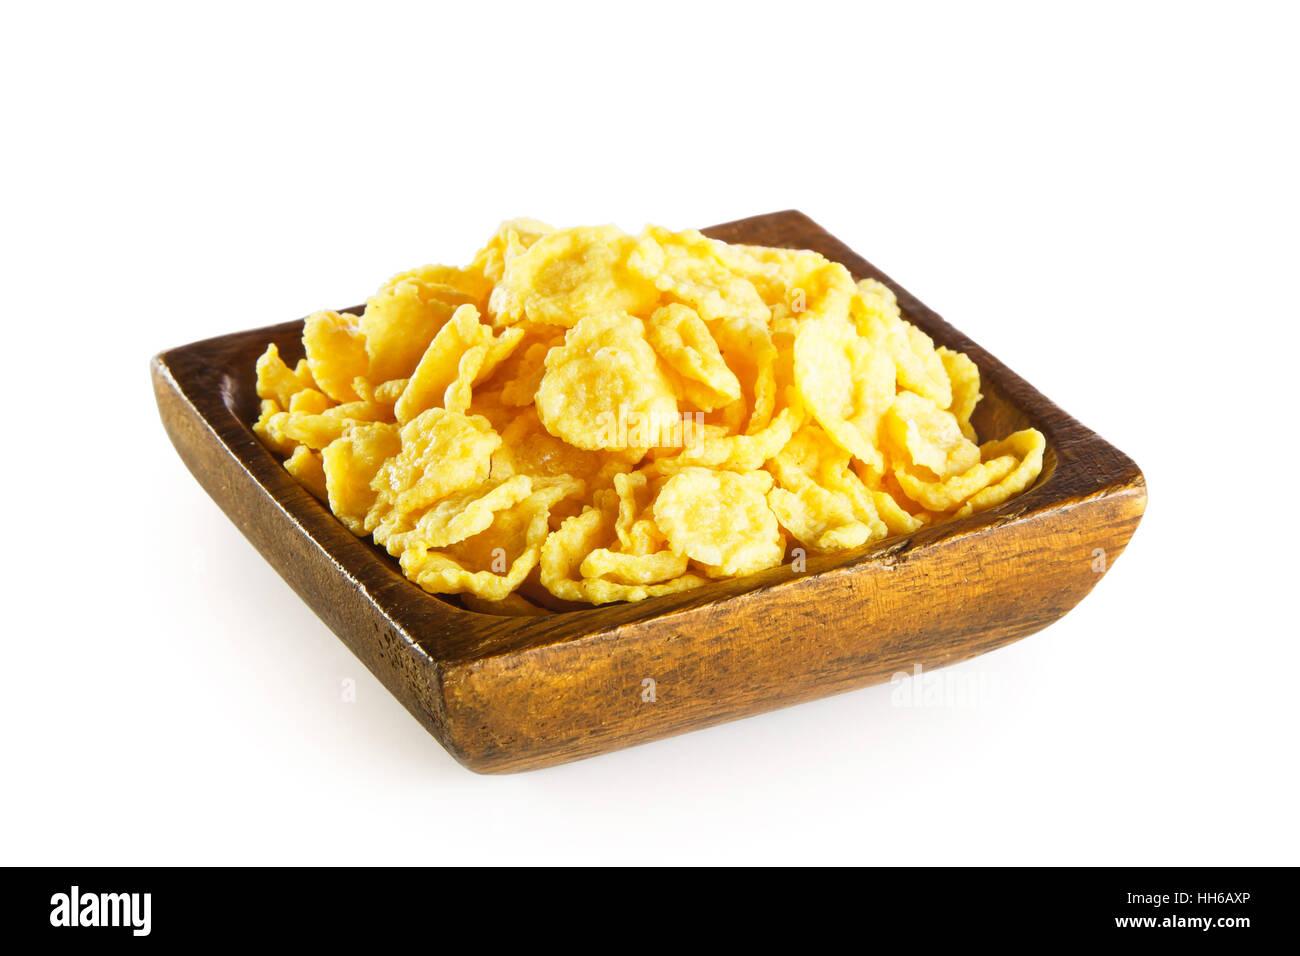 Des Cornflakes dans bol en bois isolé sur fond blanc Photo Stock